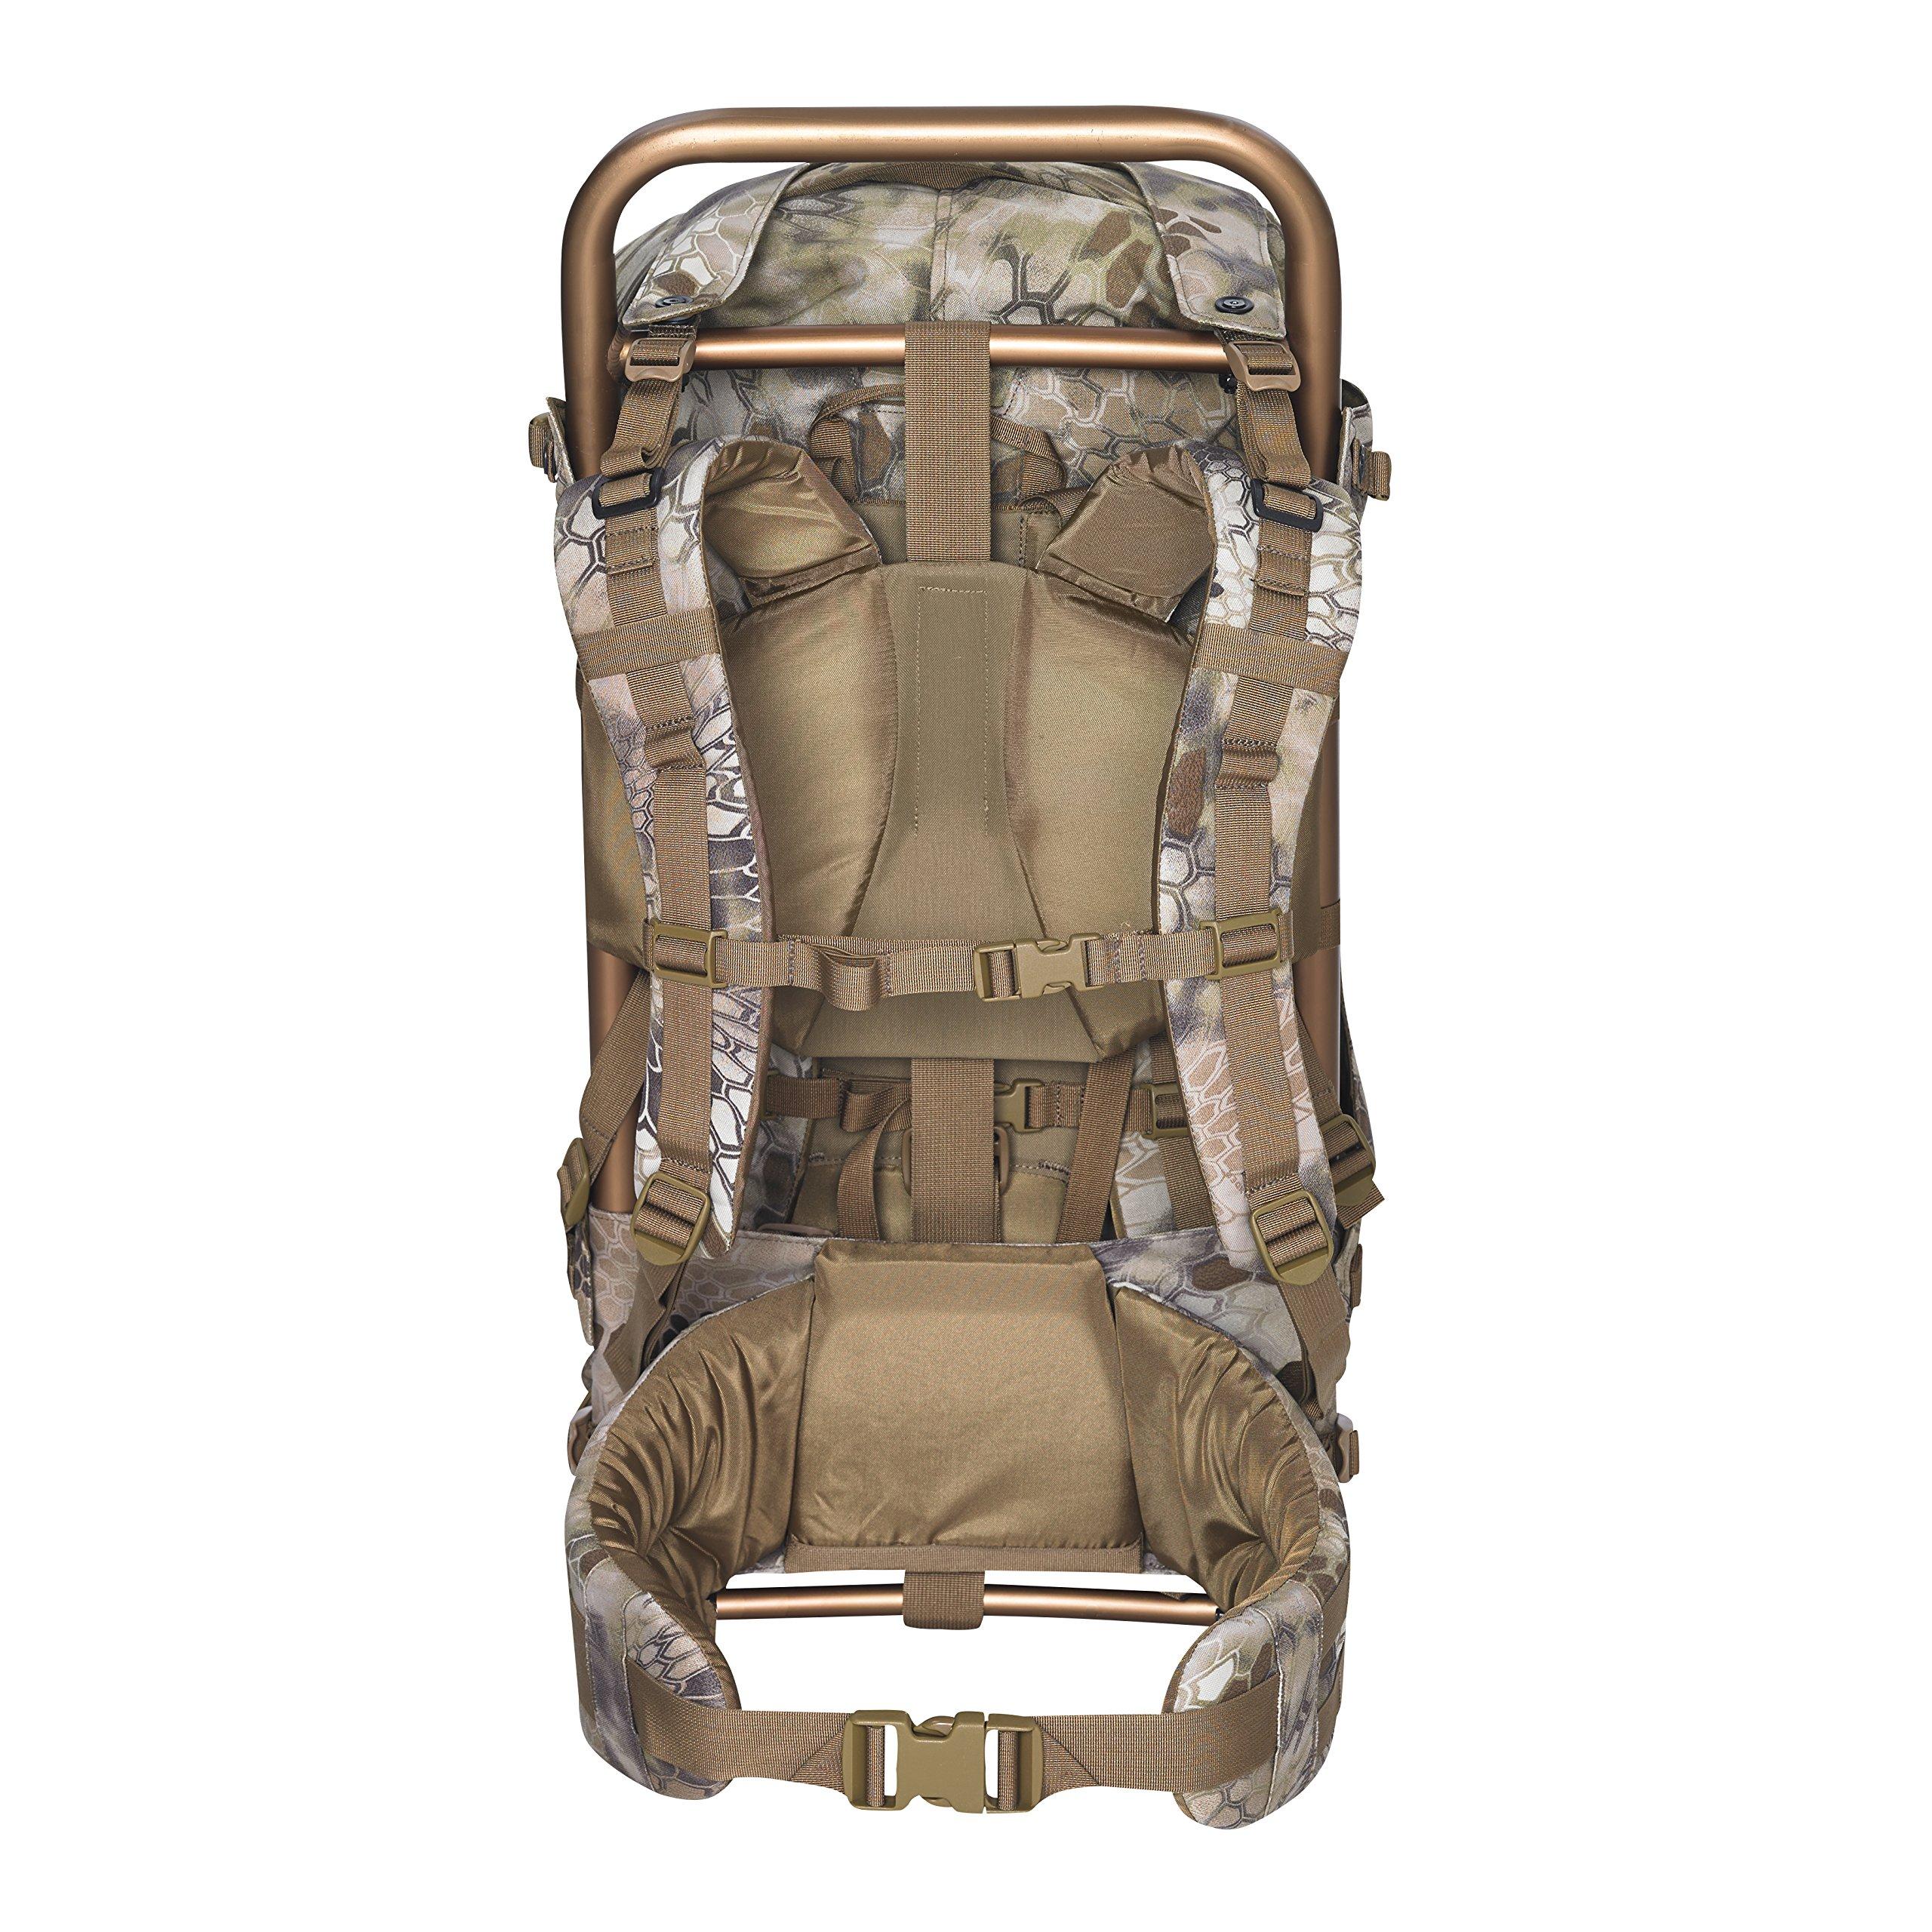 Slumberjack Rail Hauler 2500 Backpack, Kryptek by Slumberjack (Image #2)